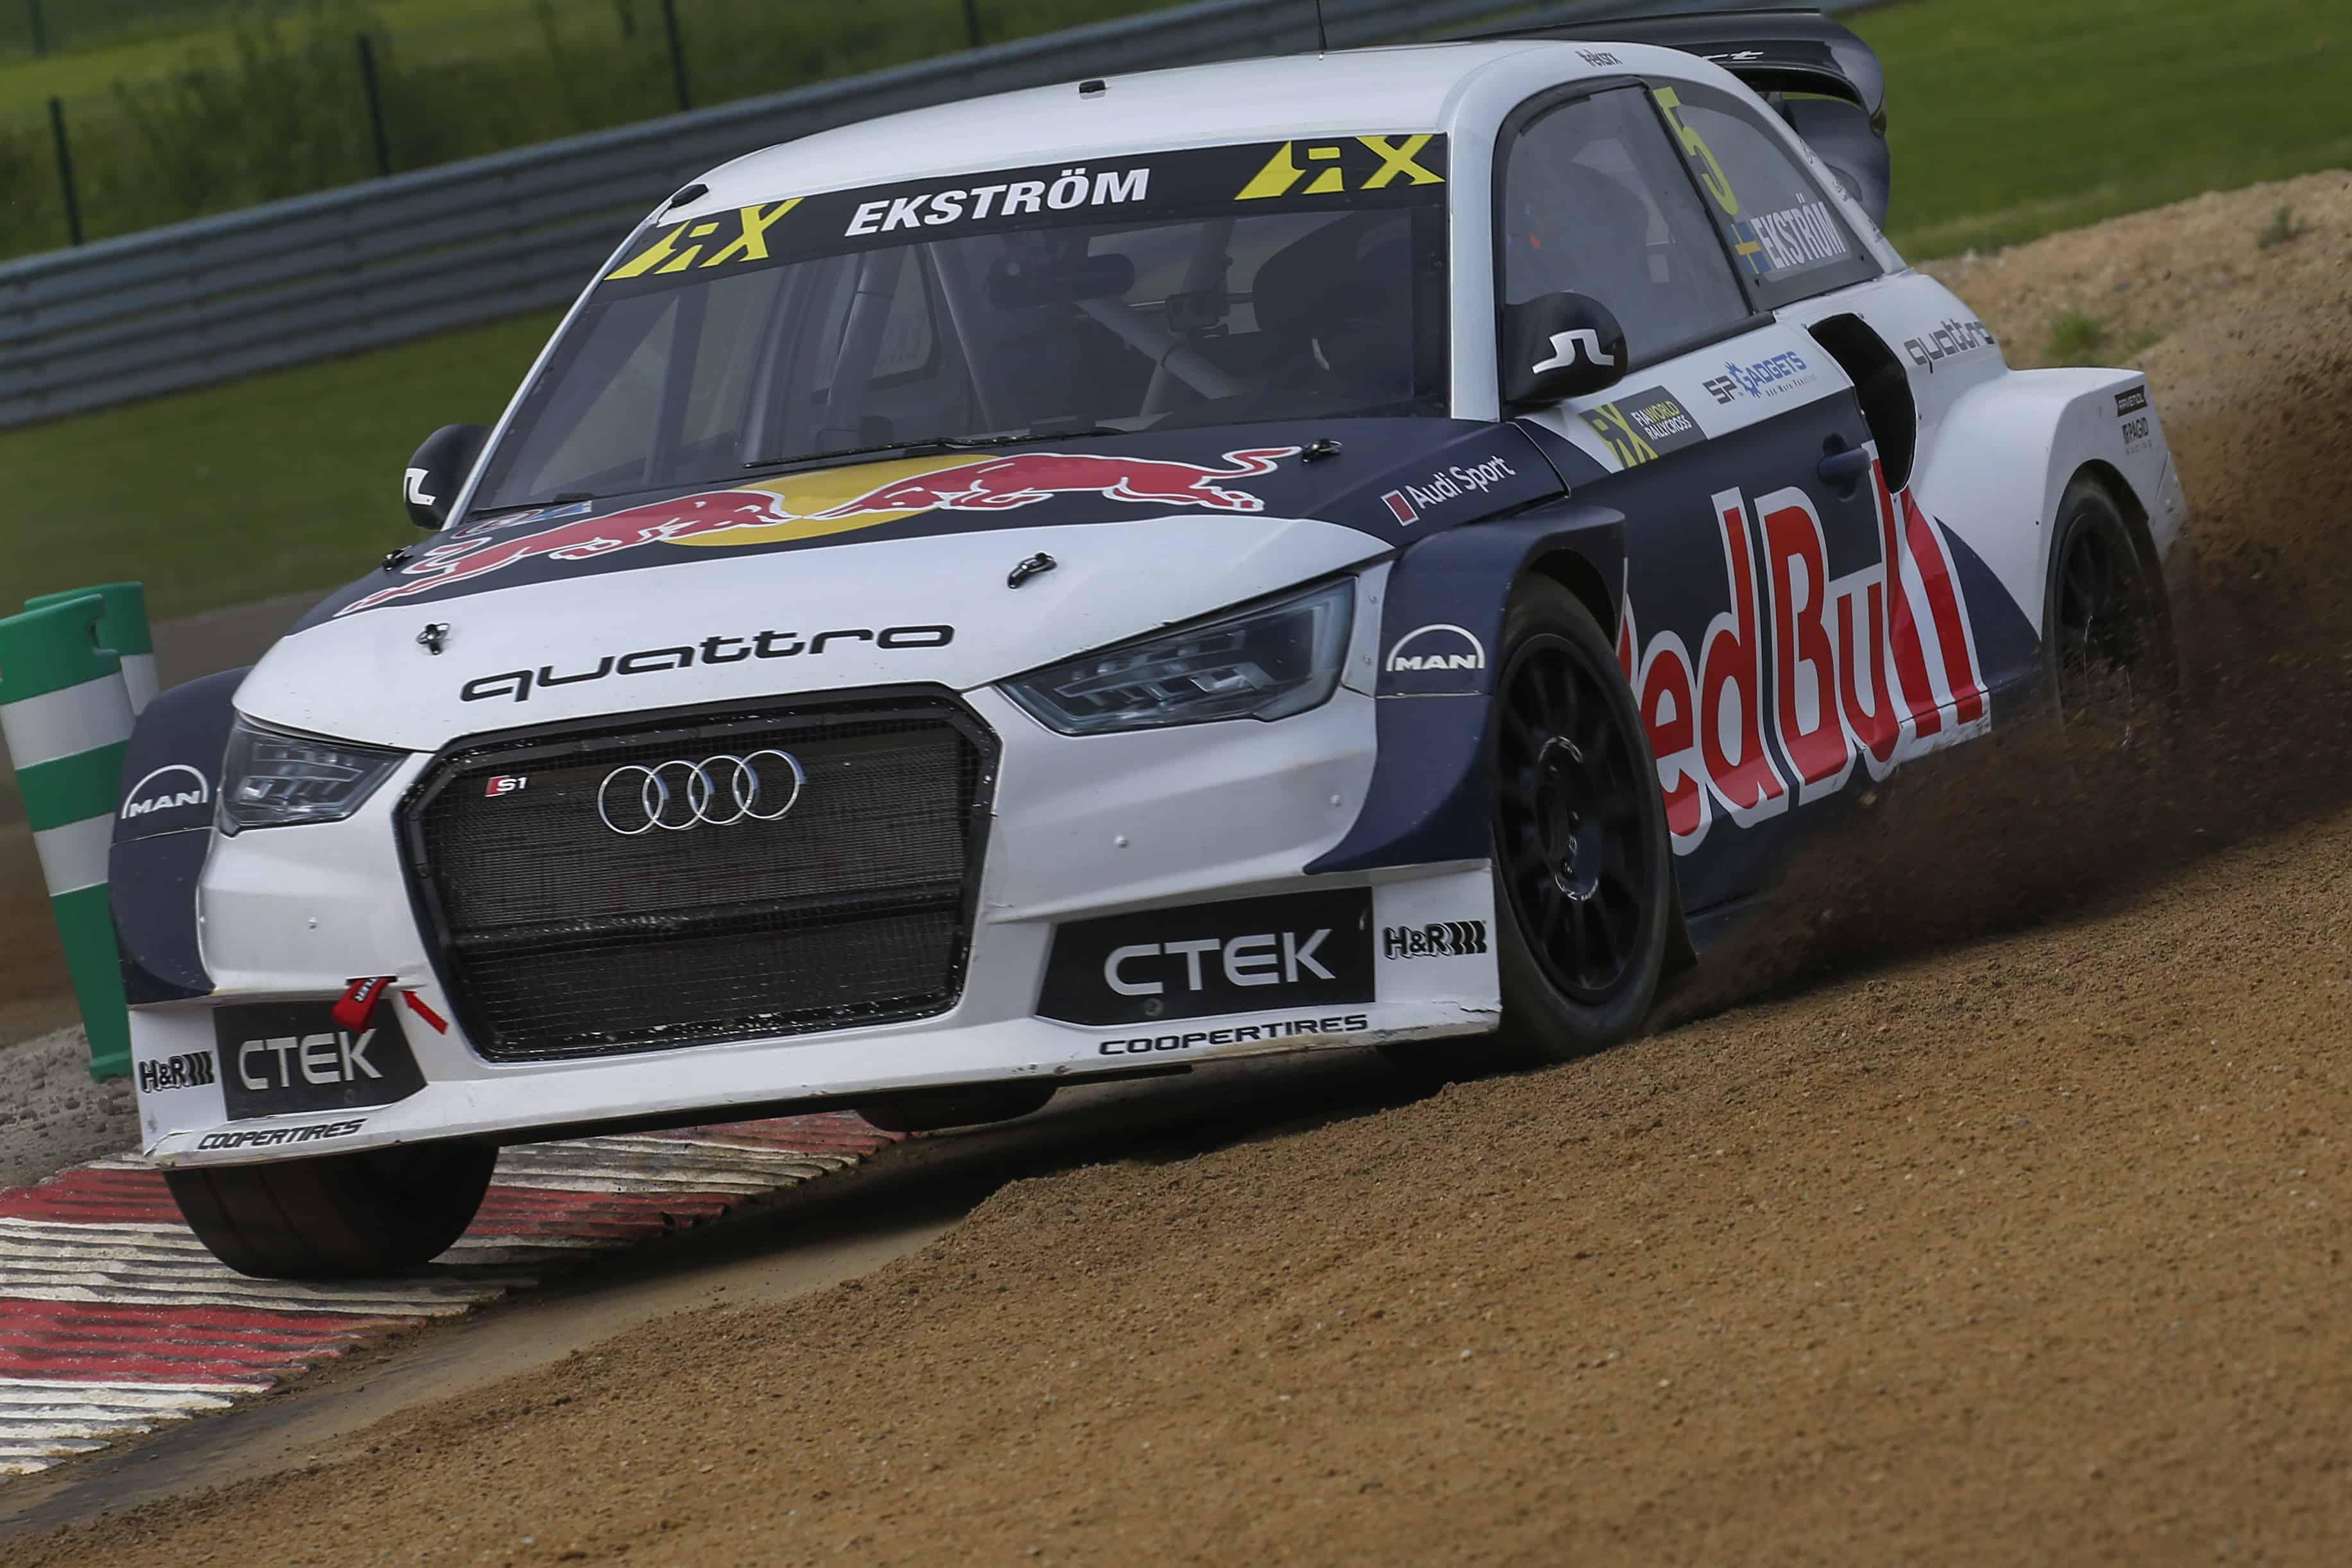 Mit H&R-Technologie bestückt: Audi S1 EKS von Rallyecross-Weltmeister Mattias Ekström.